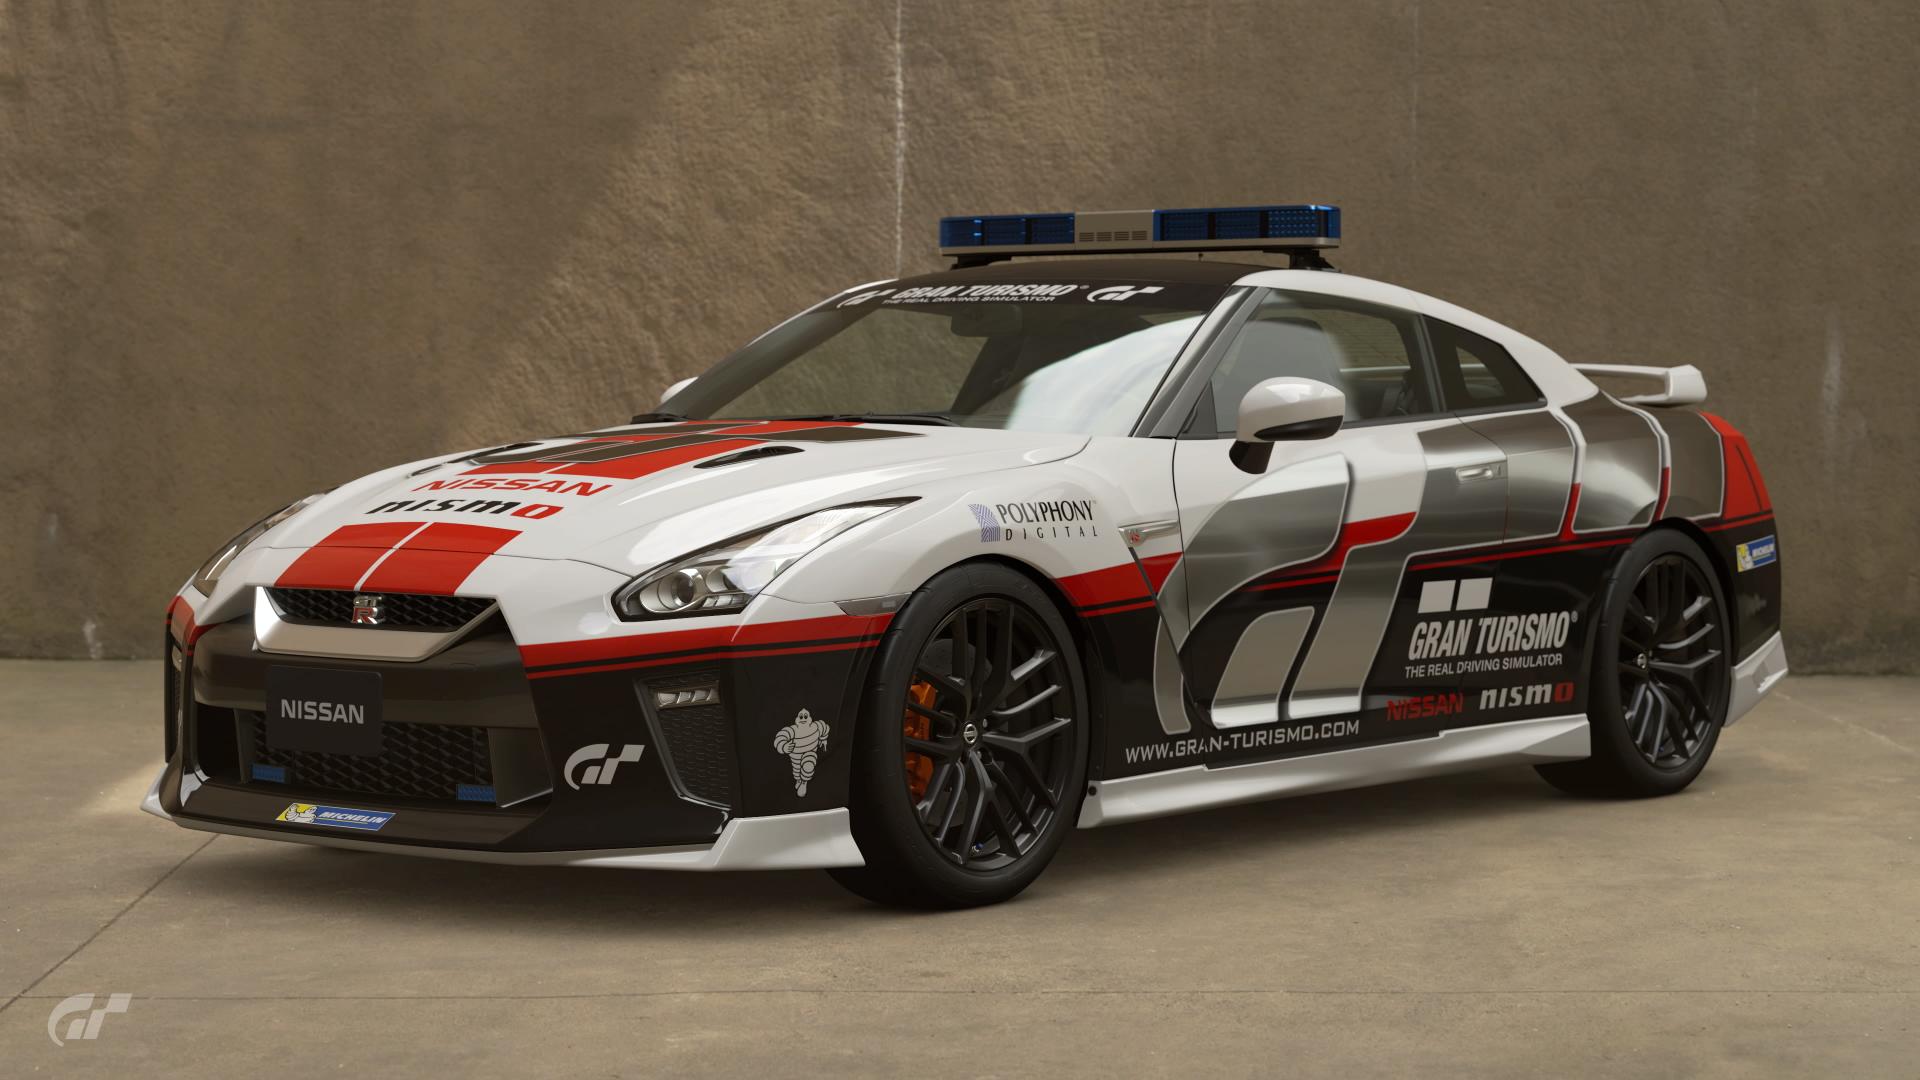 Nissan GT R Safety Car